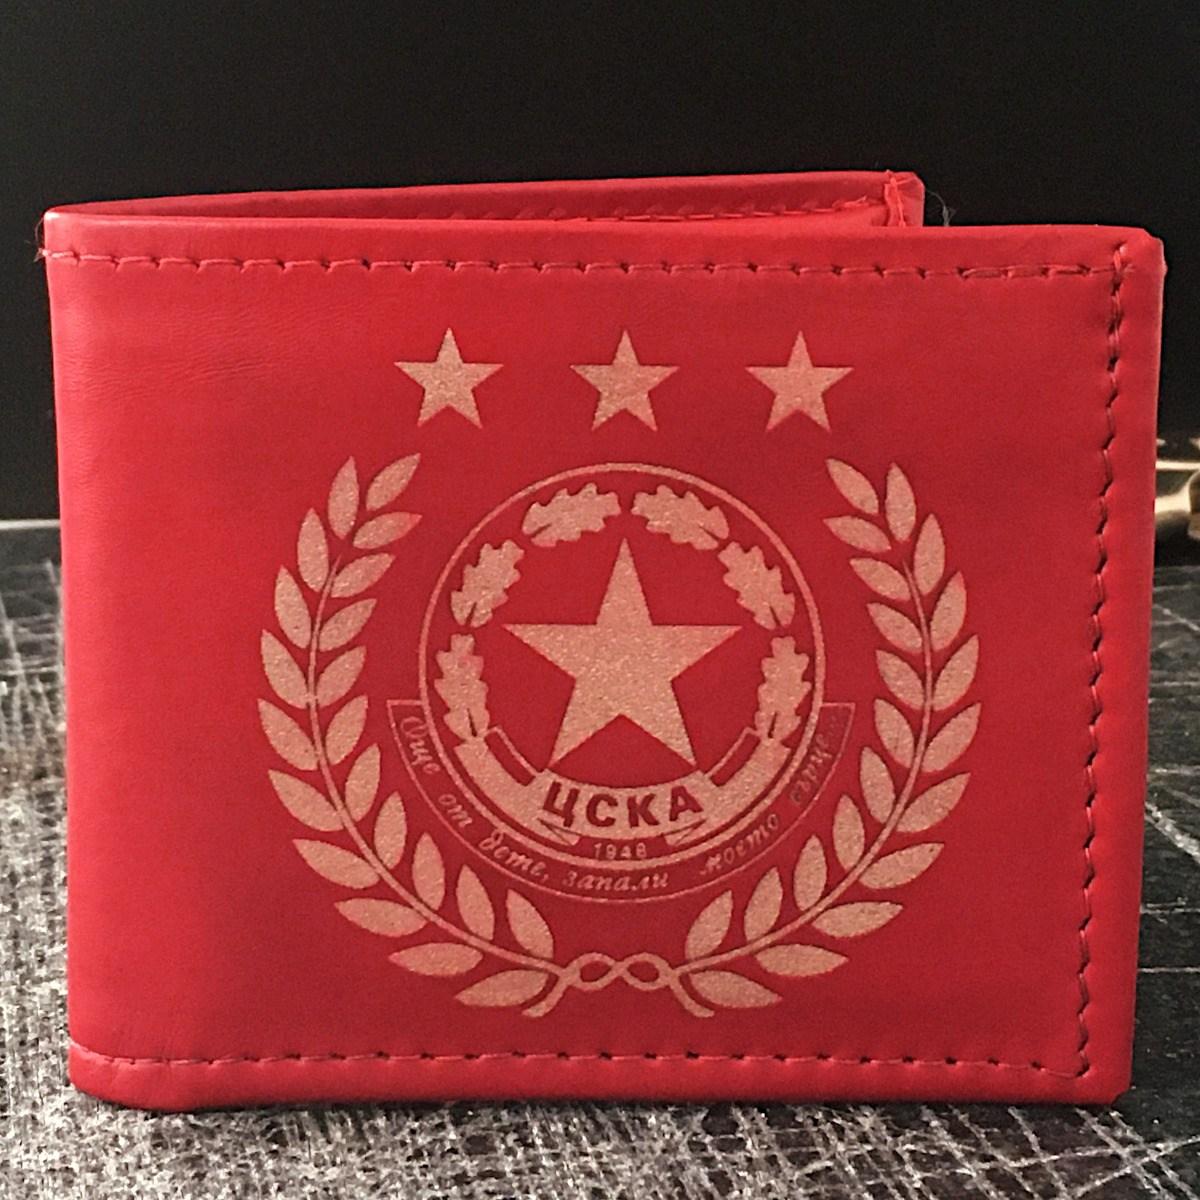 ръчно изработен червен кожен портфейл с логото на цска - отпред